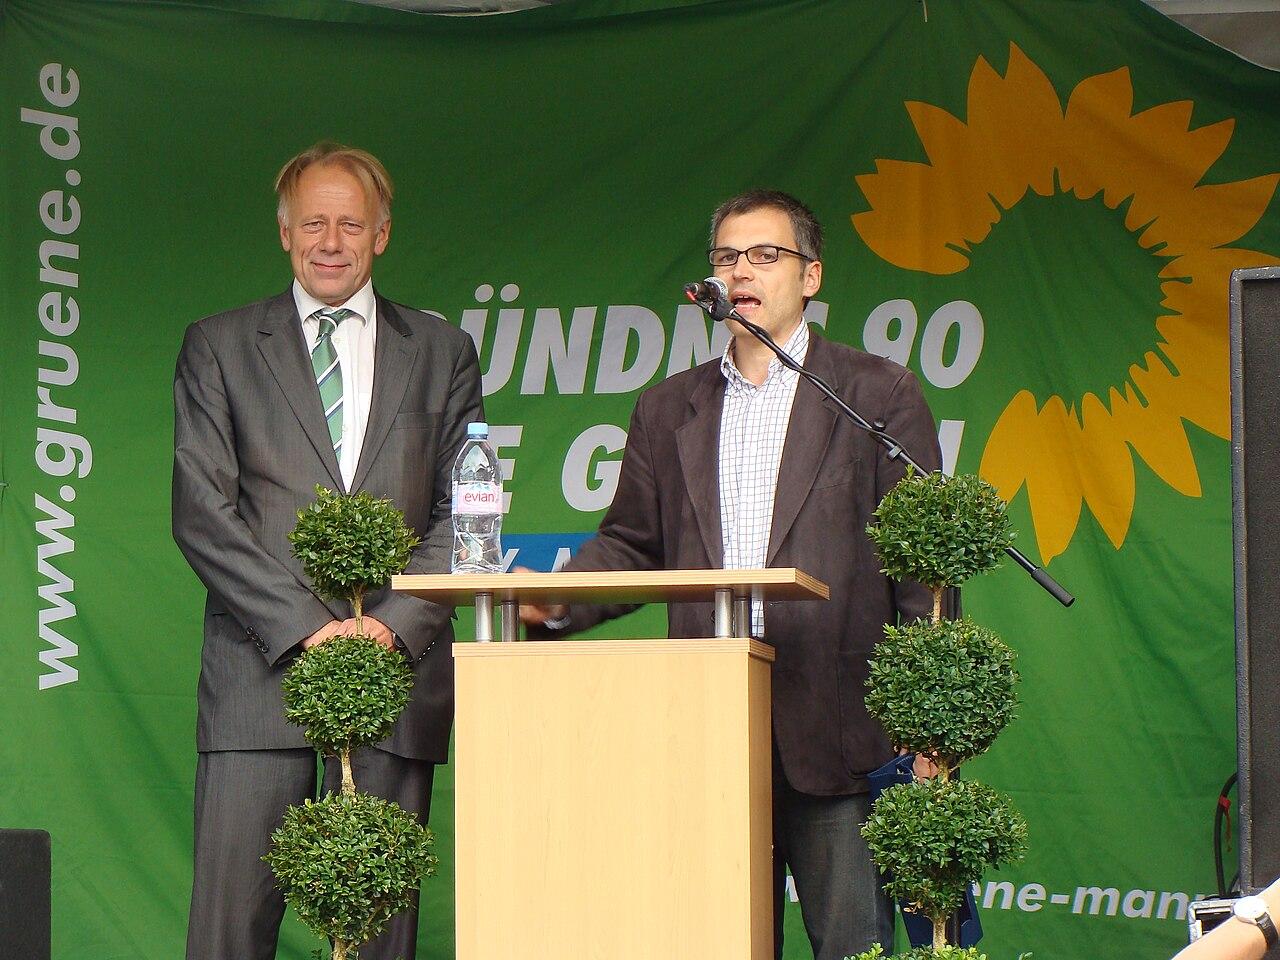 Jürgen Trittin and Gerhard Schick.jpg